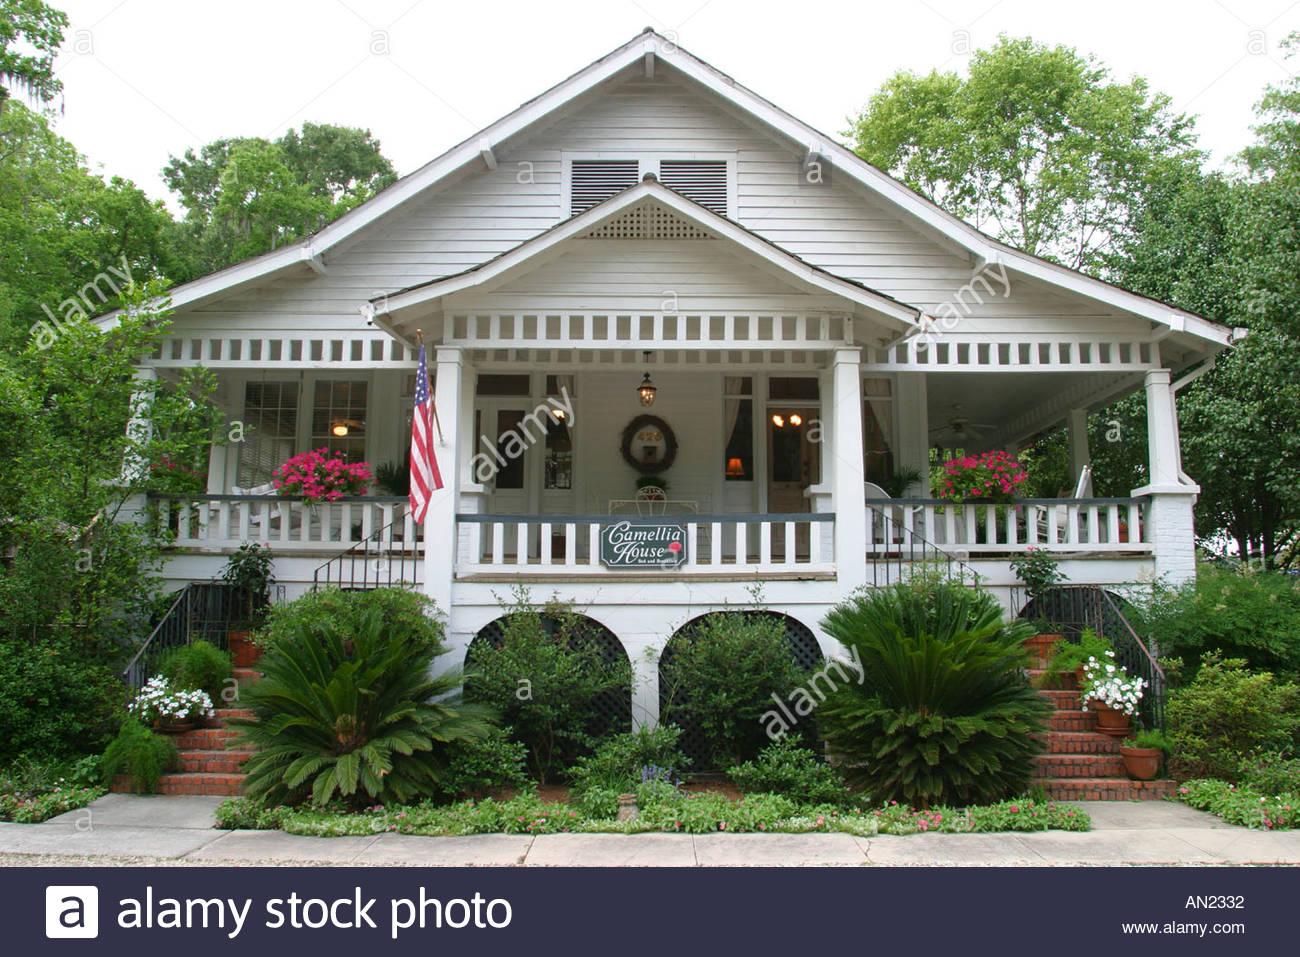 Louisiana St Tammany Parish Covington Camellia House Bed